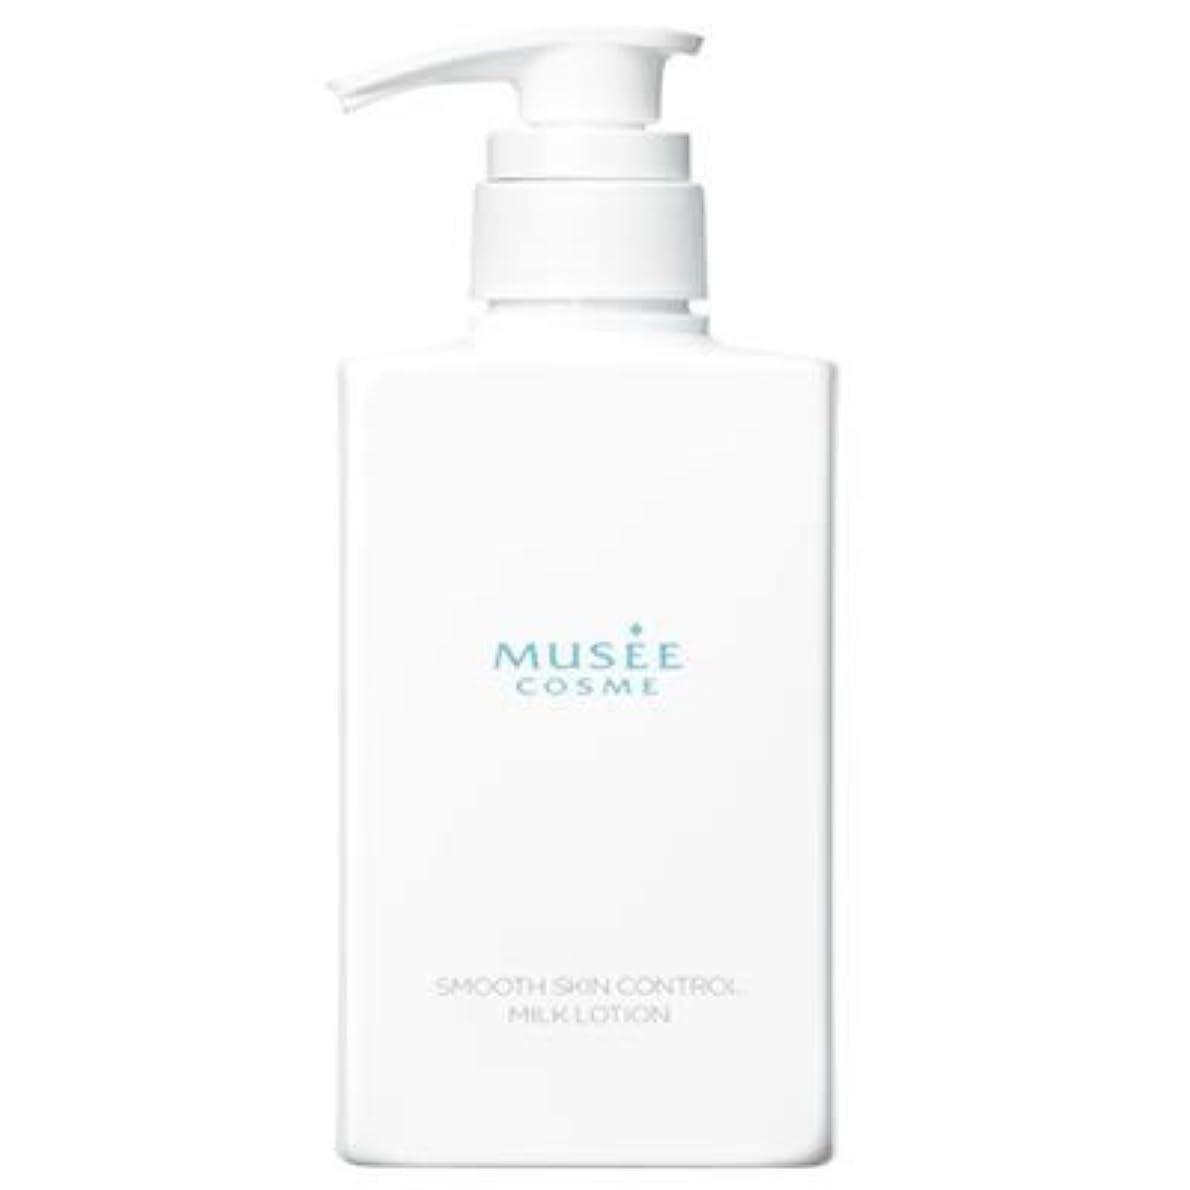 ミッション小数マイクロフォンミュゼ 薬用スムーススキンコントロールミルクローション 300ml ホワイトジャスミンの香り [並行輸入品]